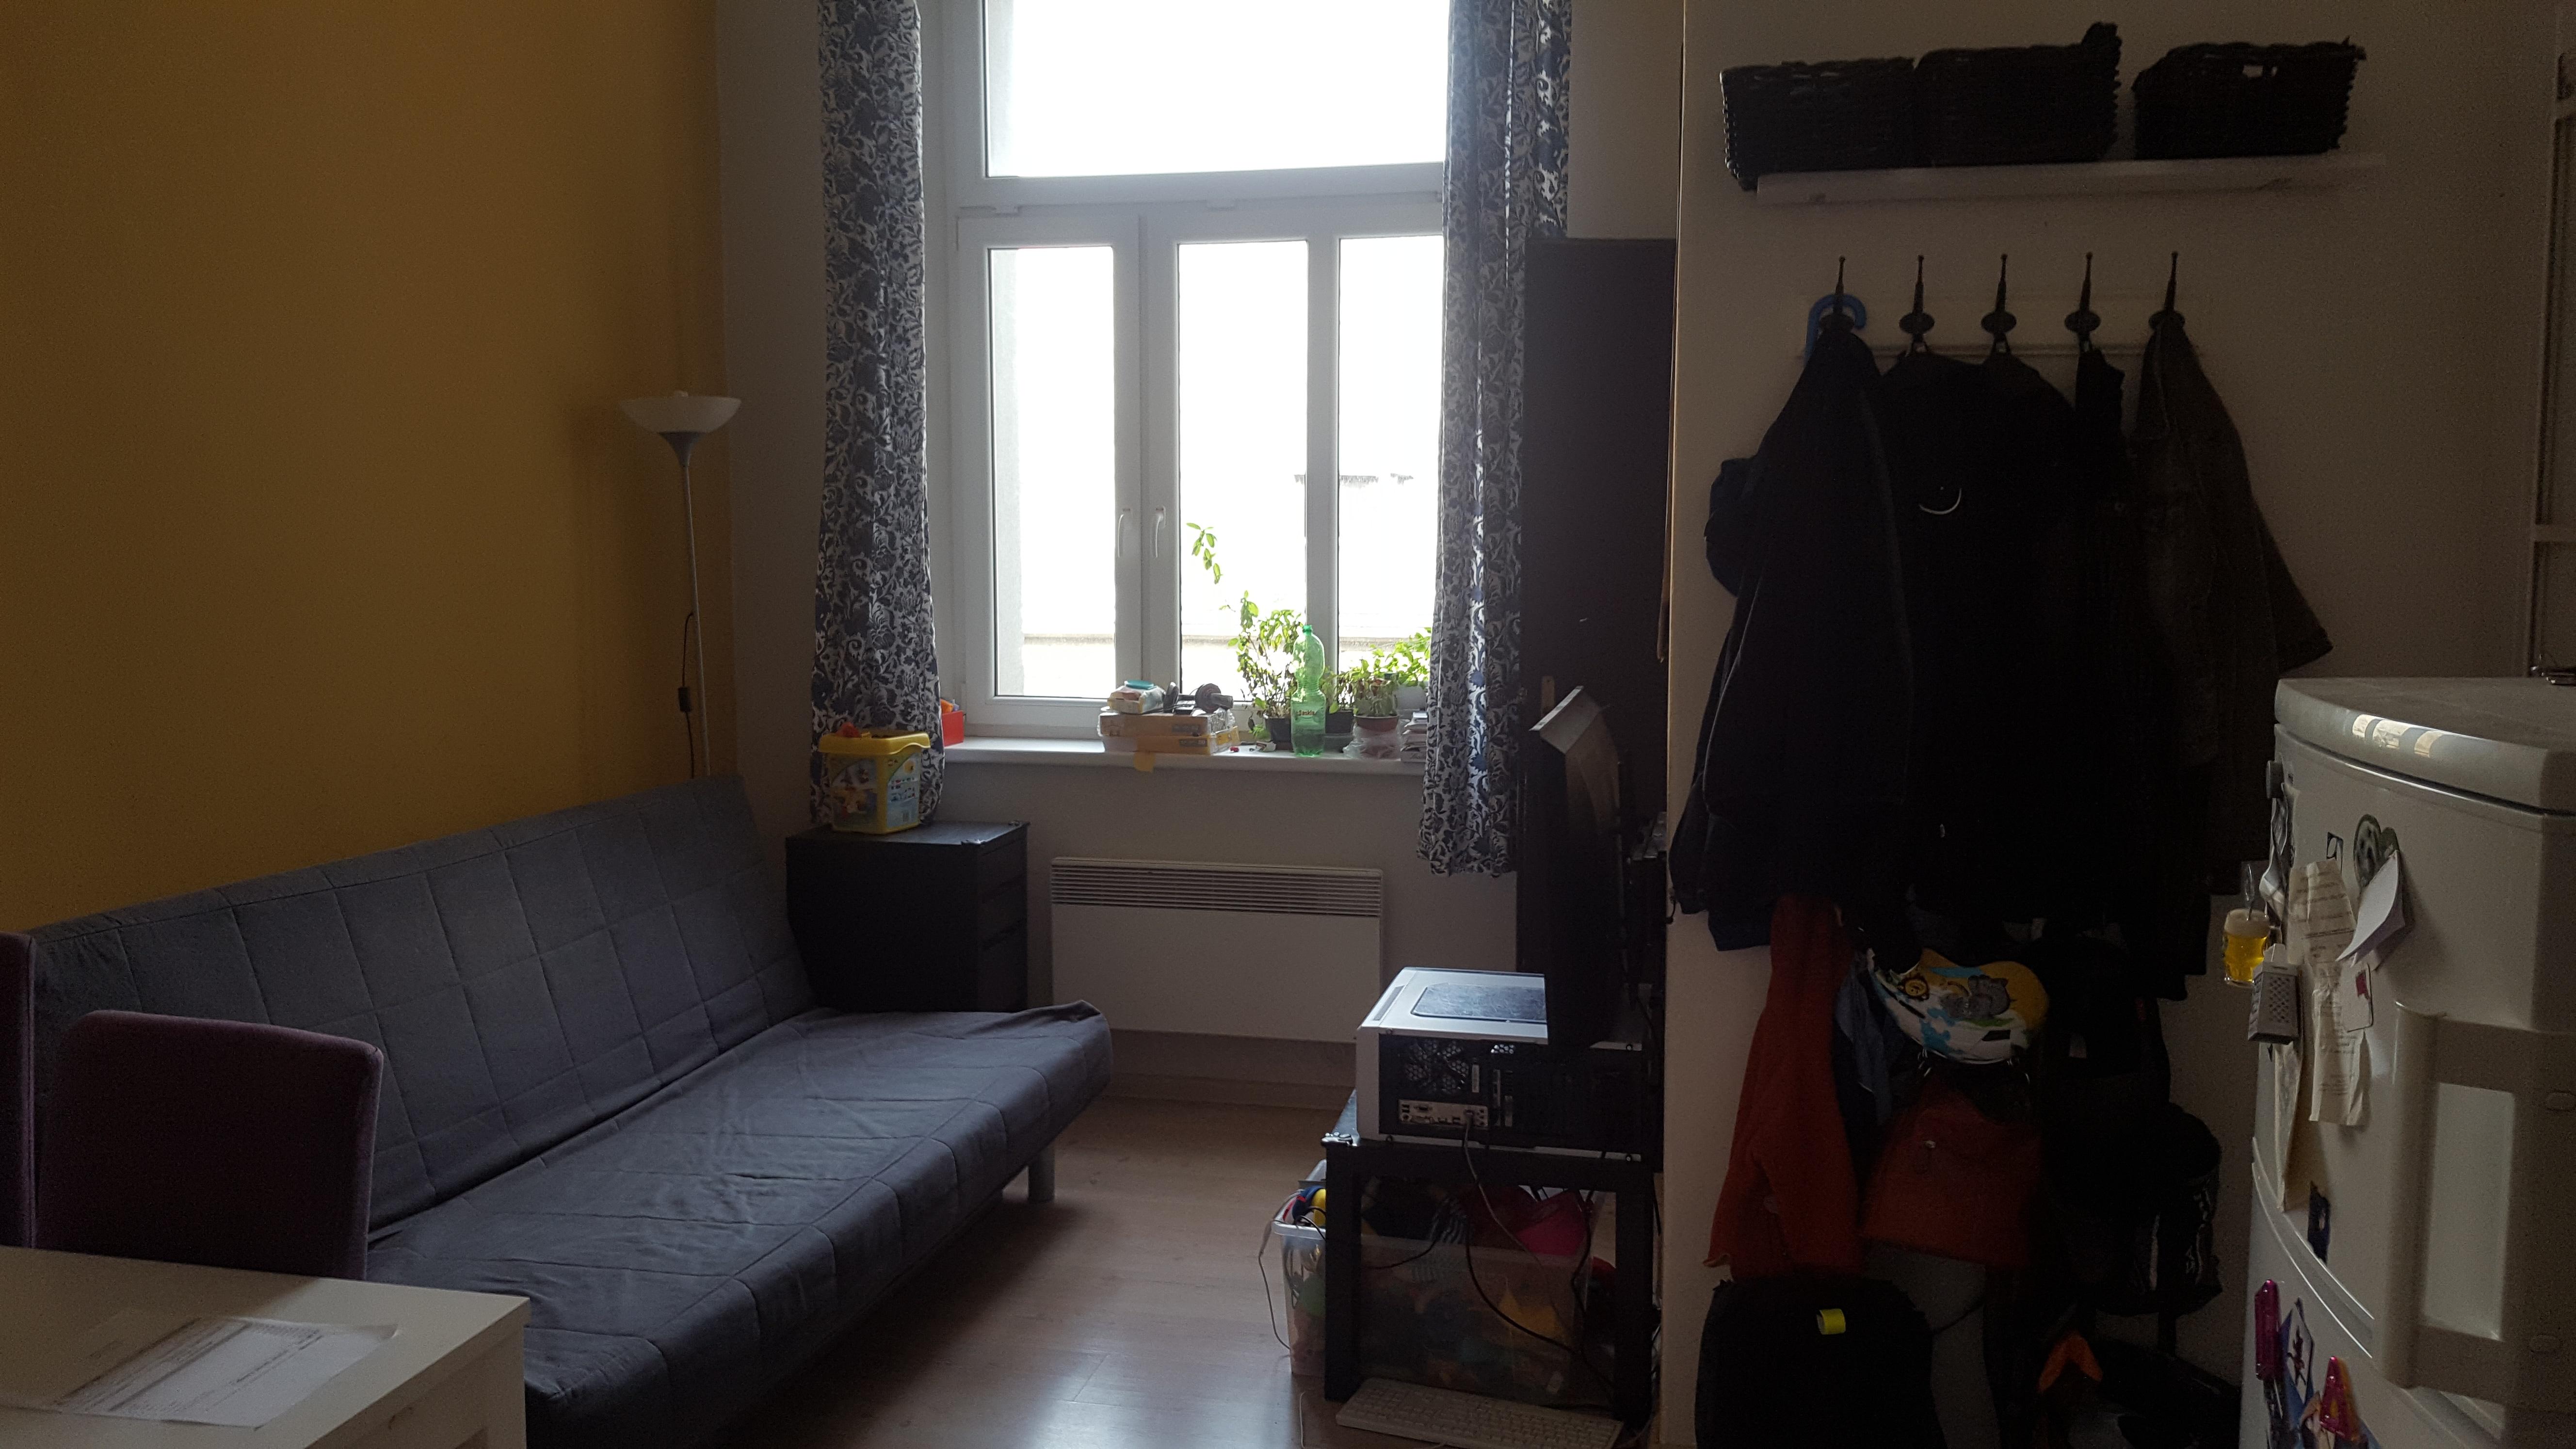 למכירה בשכונת Liben בפראג 8 דירת 2+KK בגודל 42 מר (3)